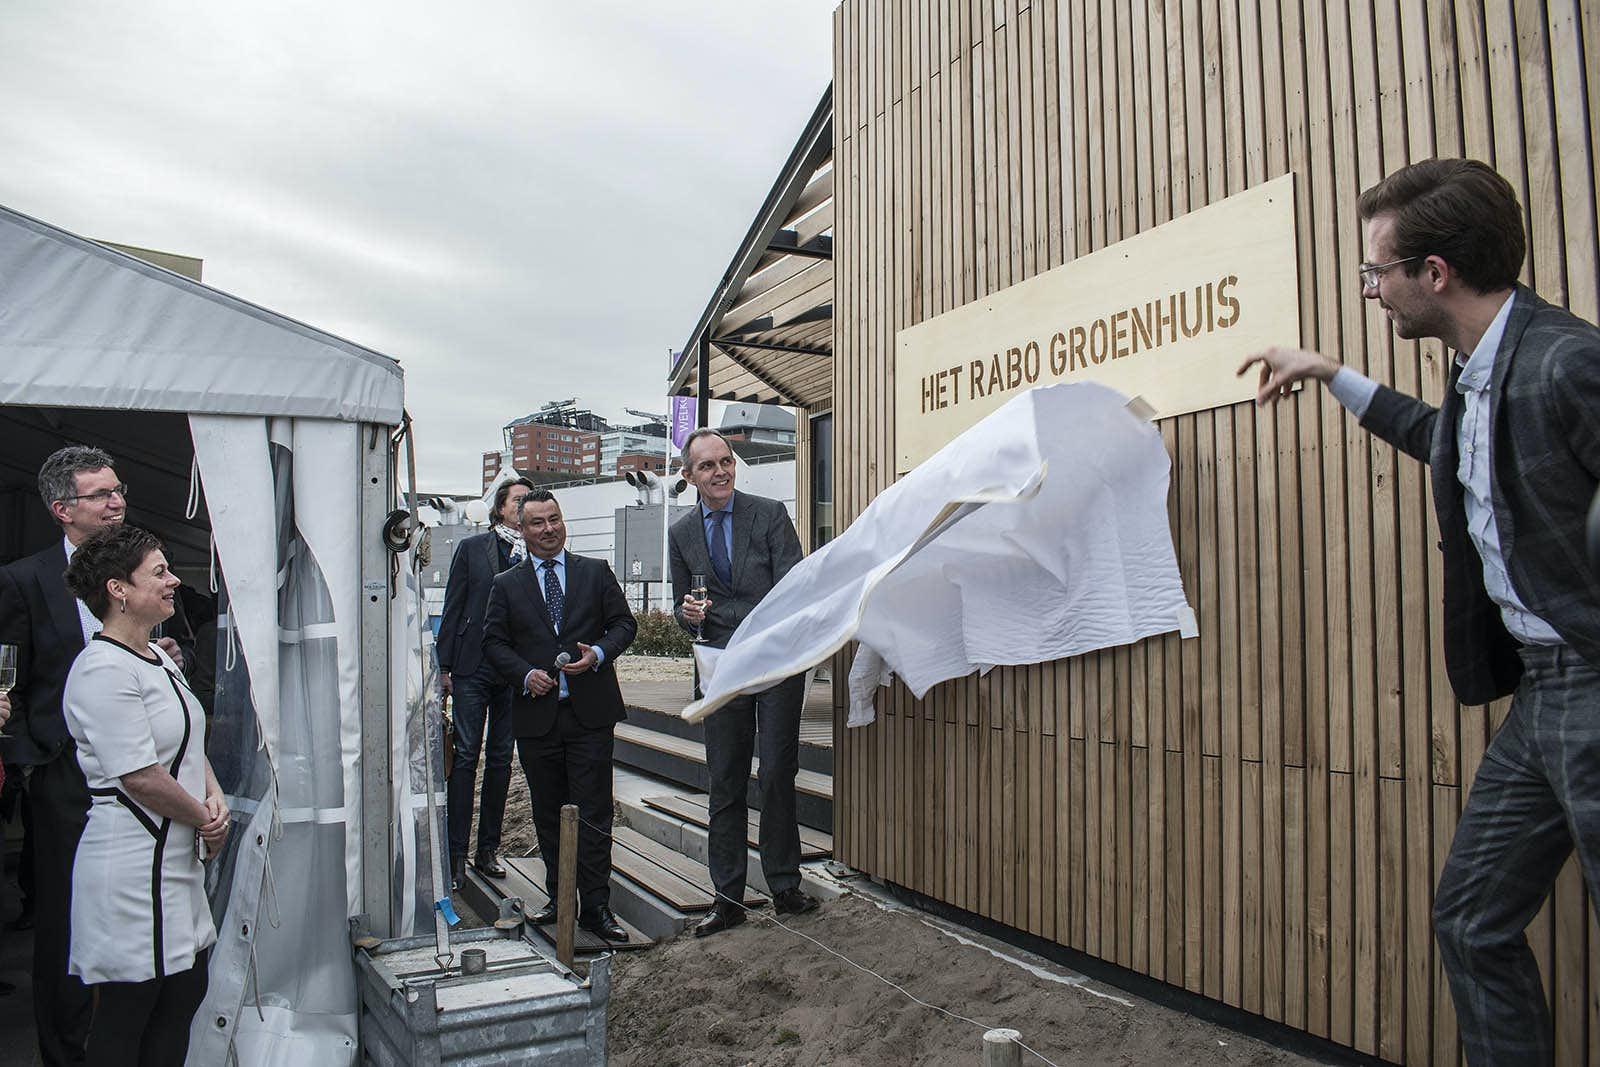 Rabo groenhuis geopend op het jaarbeursplein de utrechtse internet courant - Keukenplan op de eetkamer geopend ...